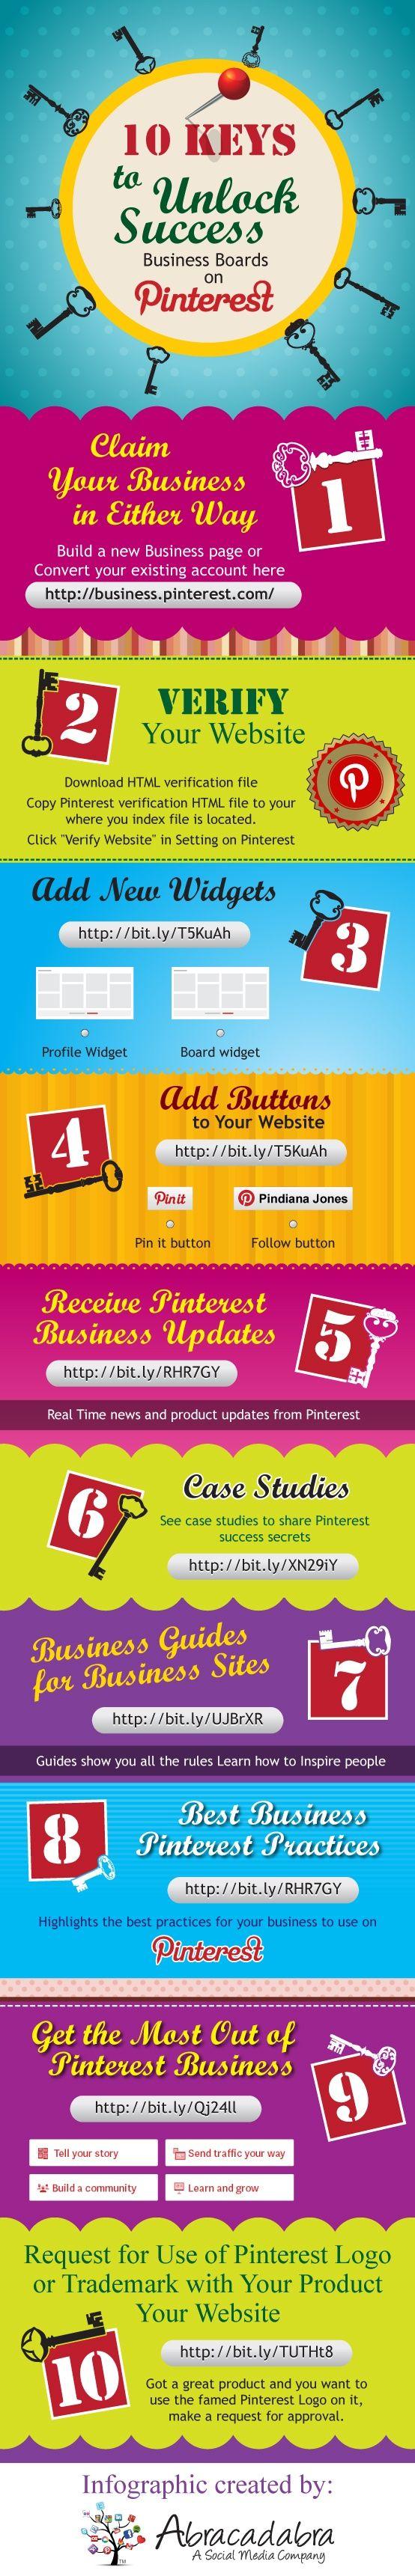 10 claves para el éxito de tu página de empresa en Pinterest #infografia #infographic #socialmedia